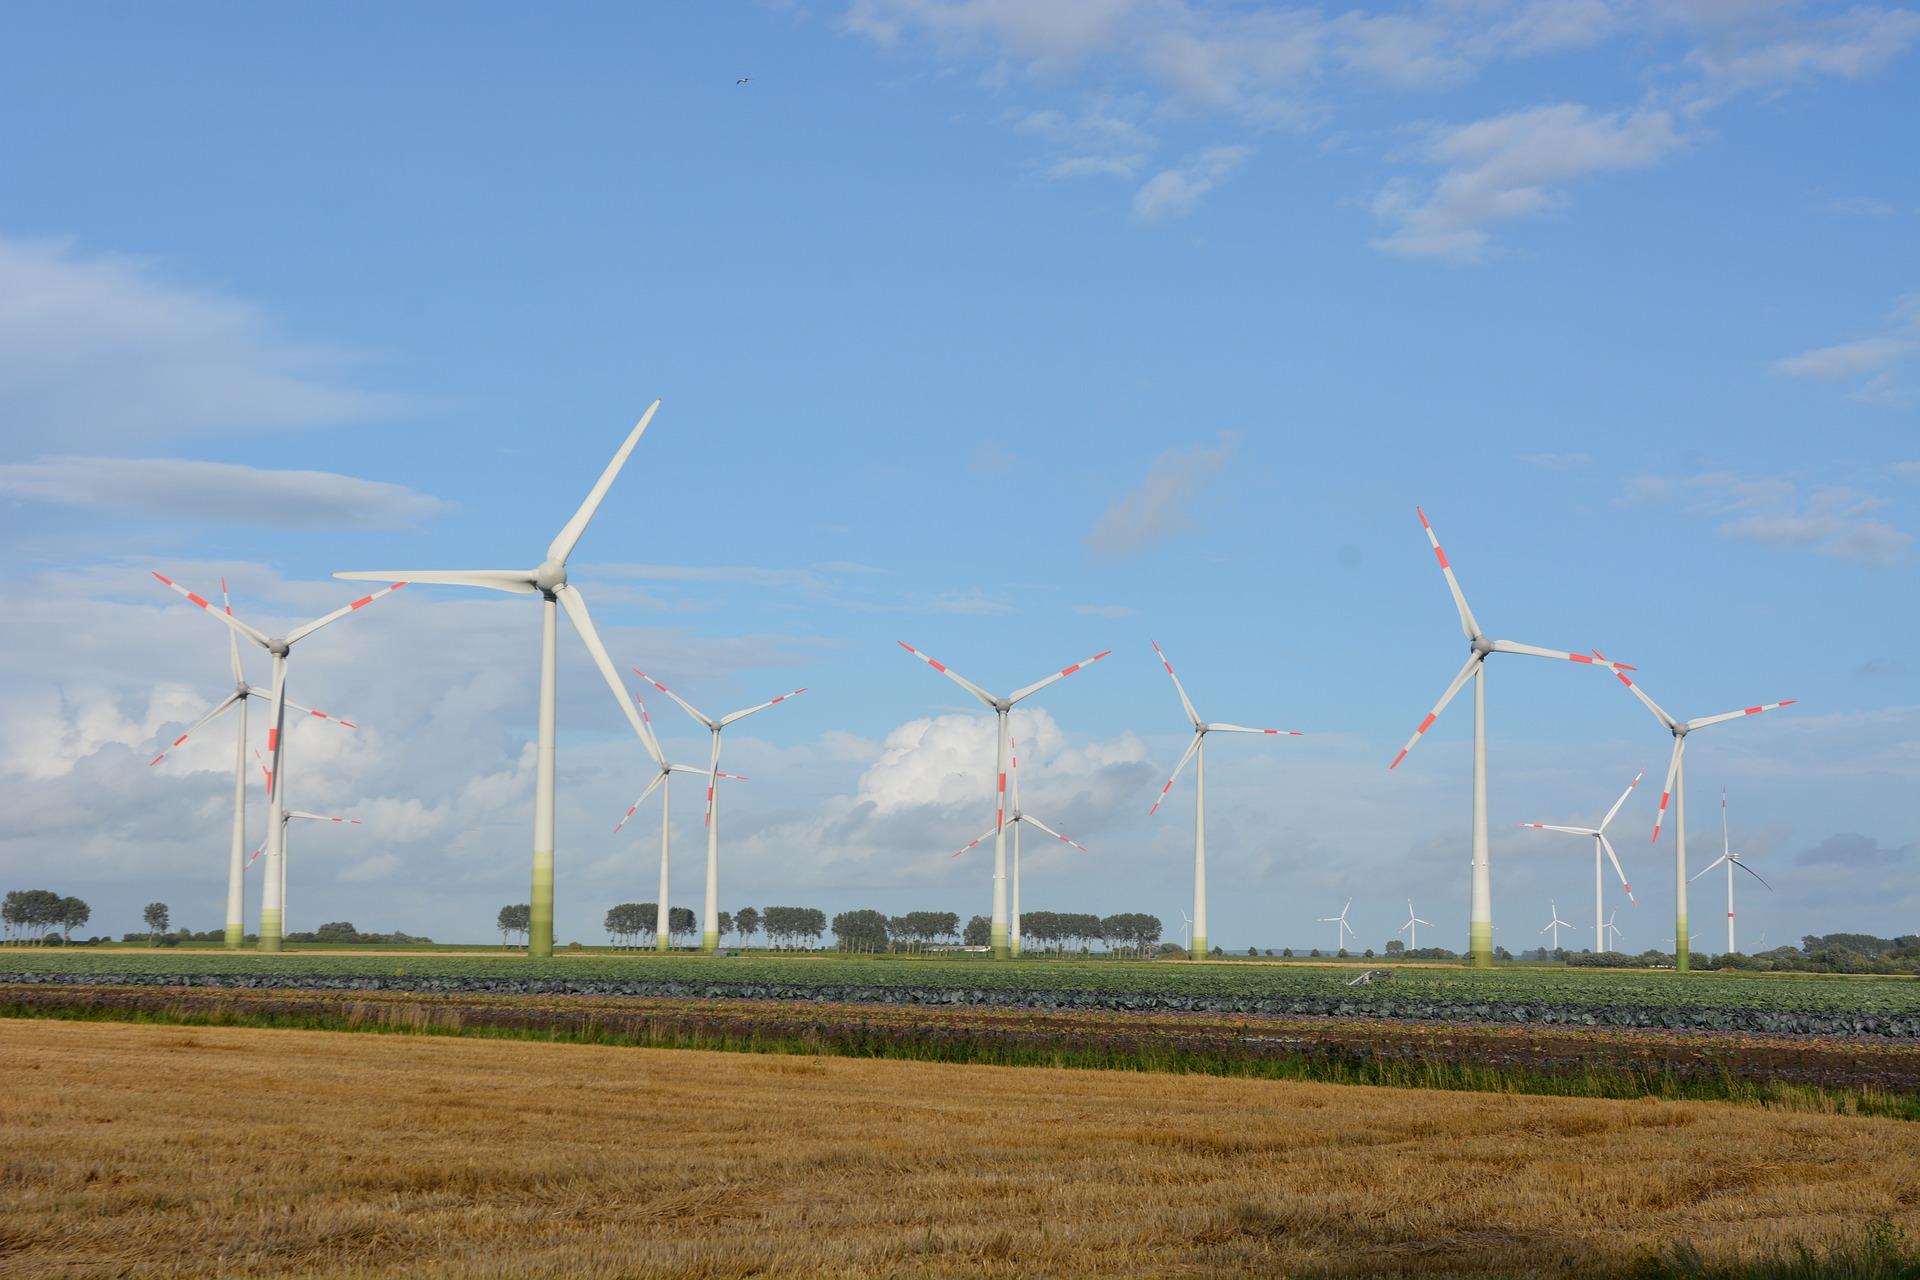 Dinamarca tem tradição em investir em energia limpa.